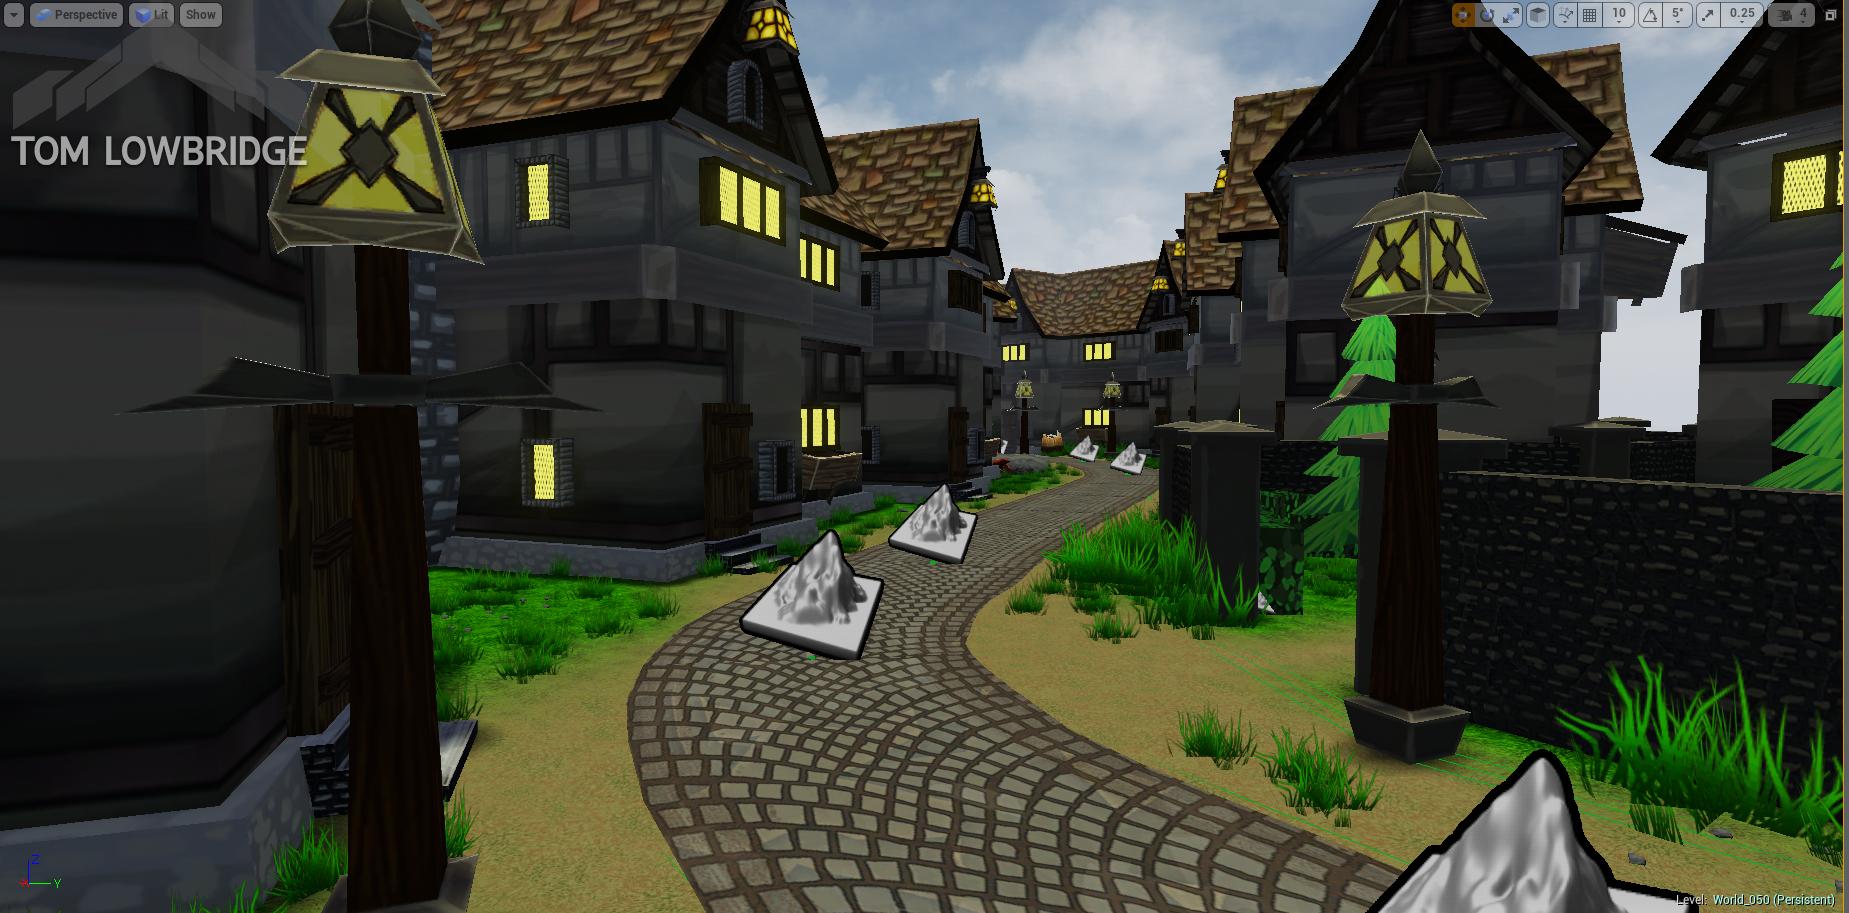 toms3d | Unreal Engine